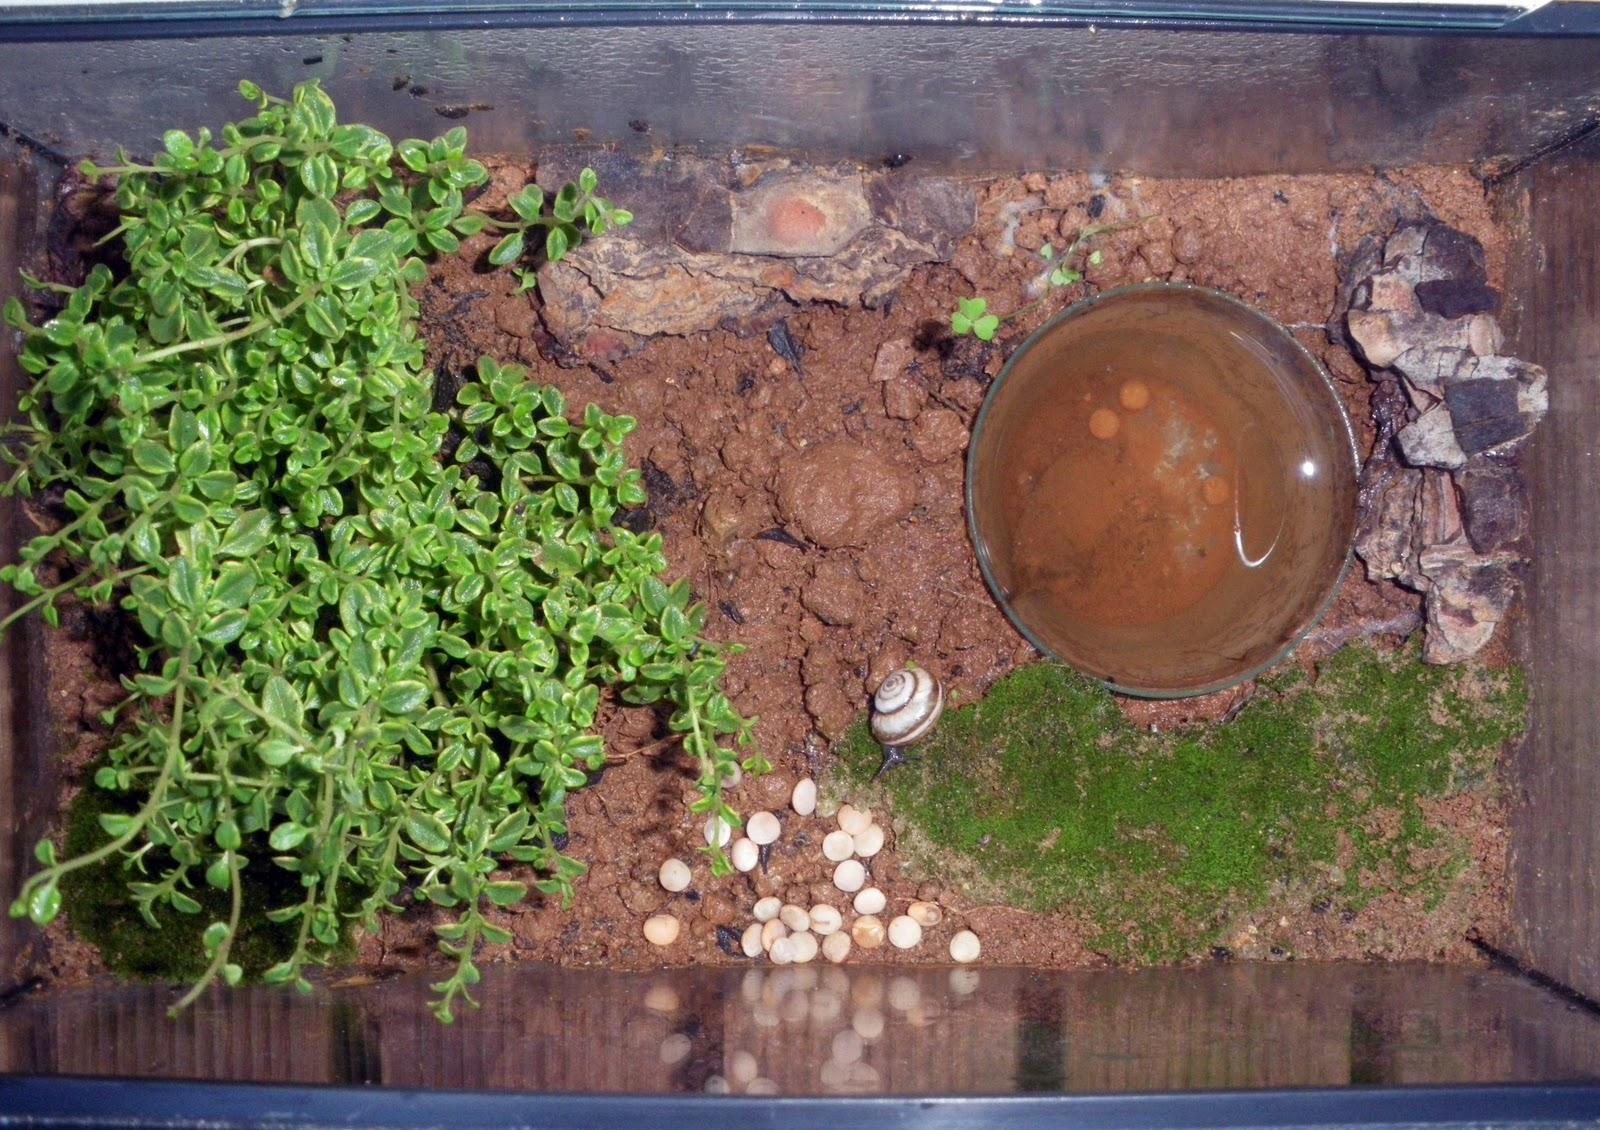 El rinc n del armadillo blog de actividades infantiles - Plantas para ahuyentar insectos ...